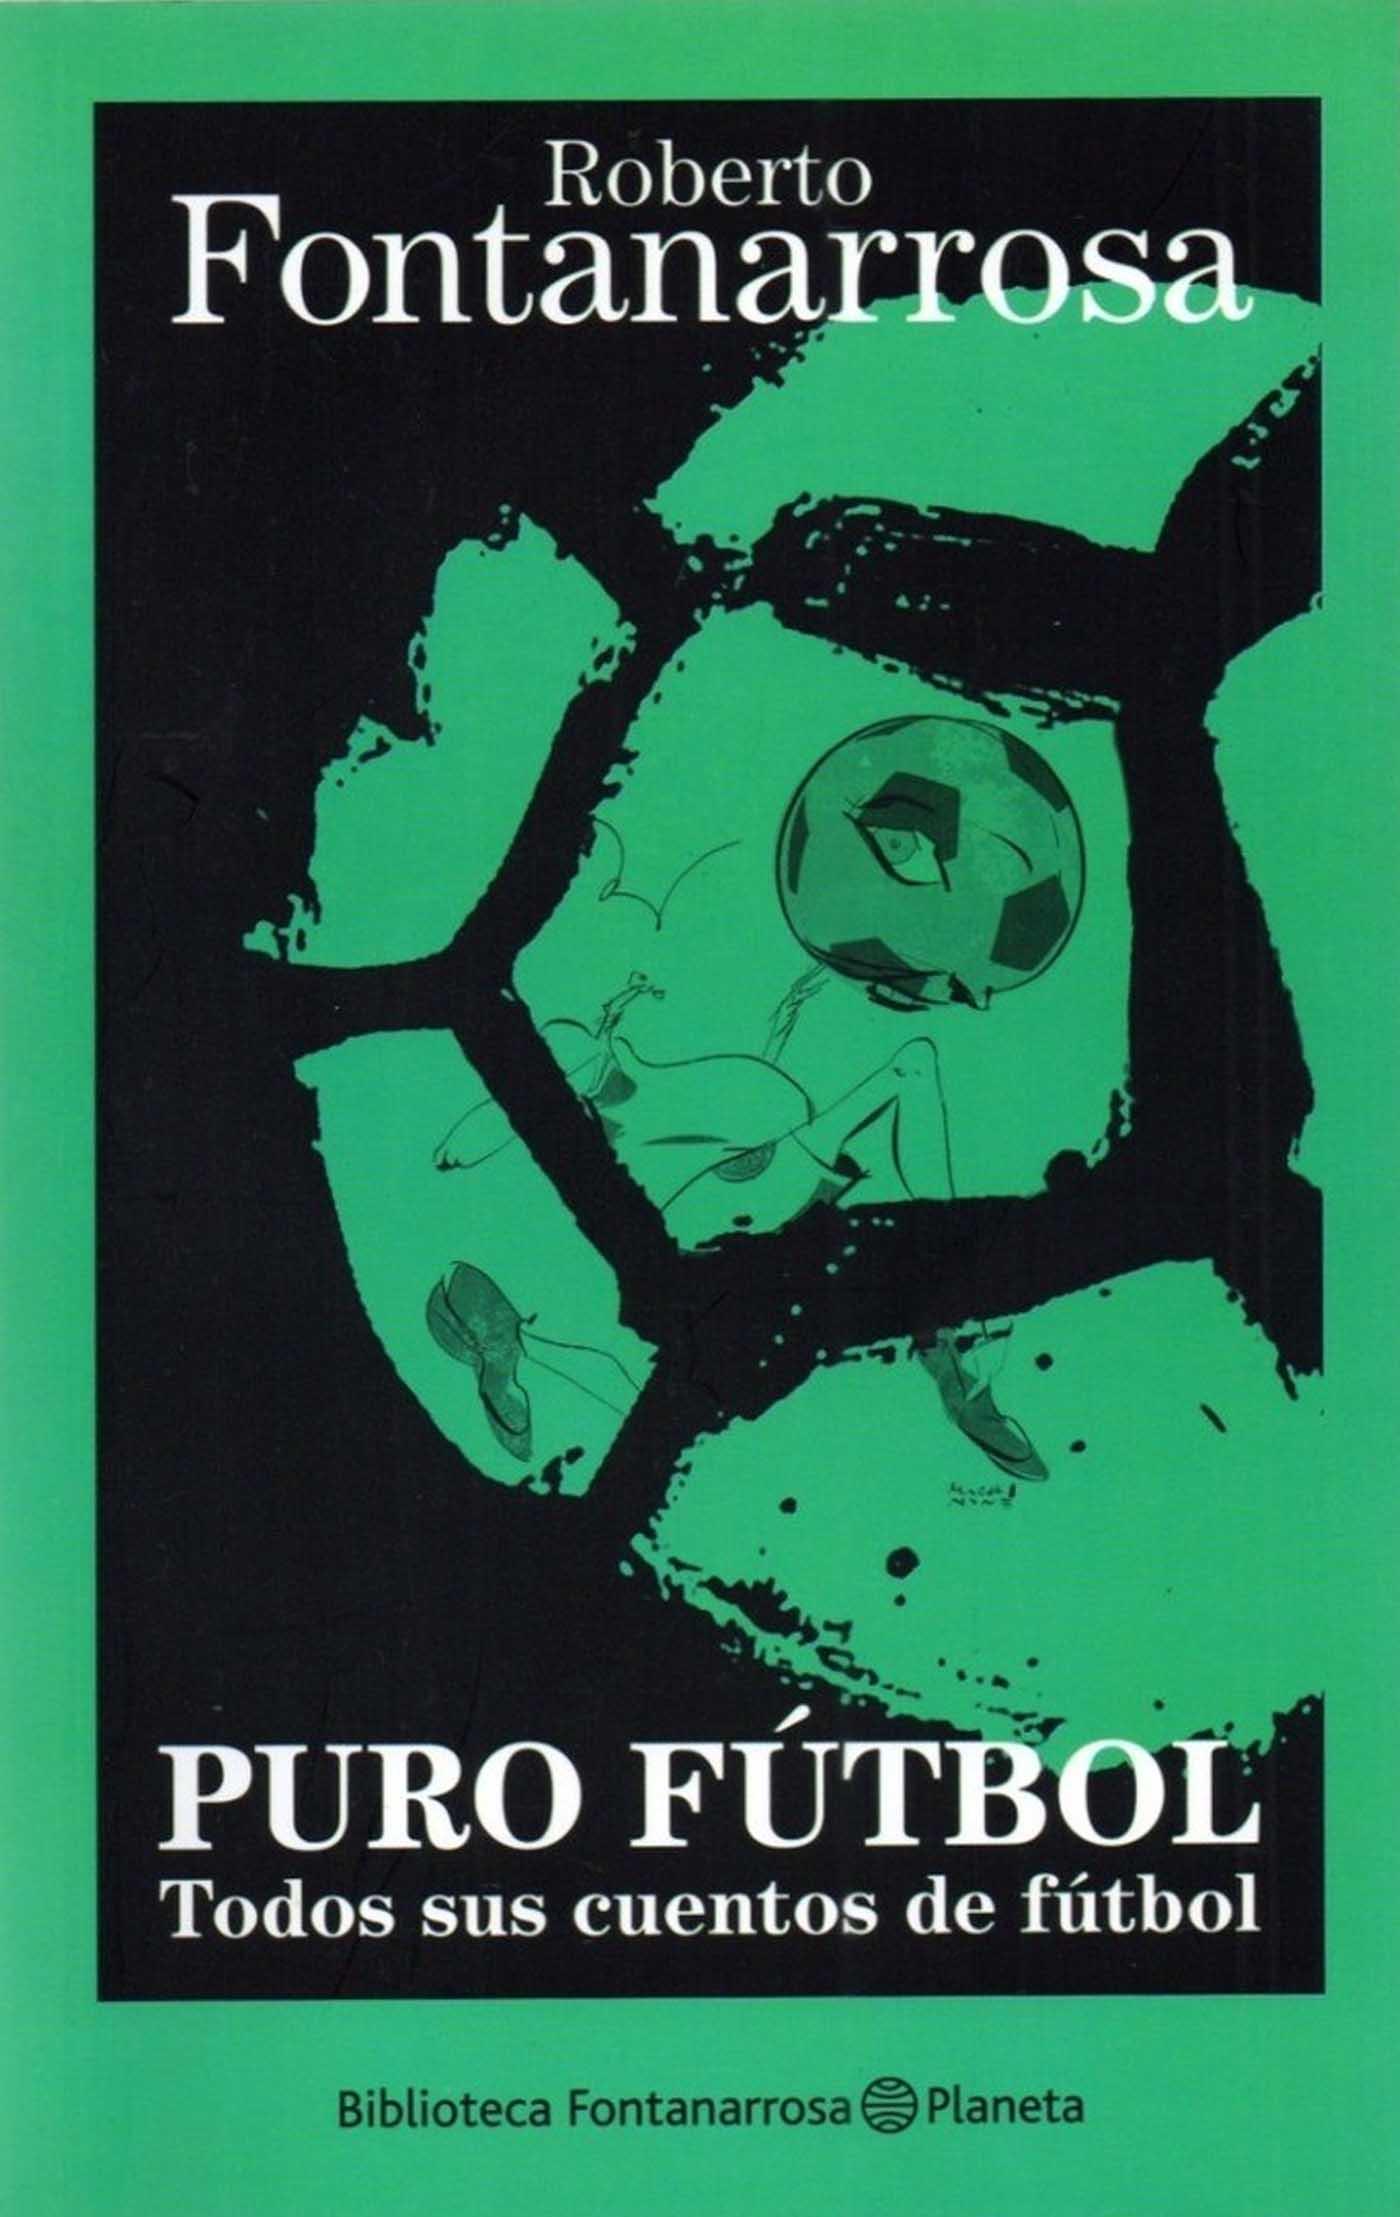 Puro Fútbol Cuentos Fontanarrosa